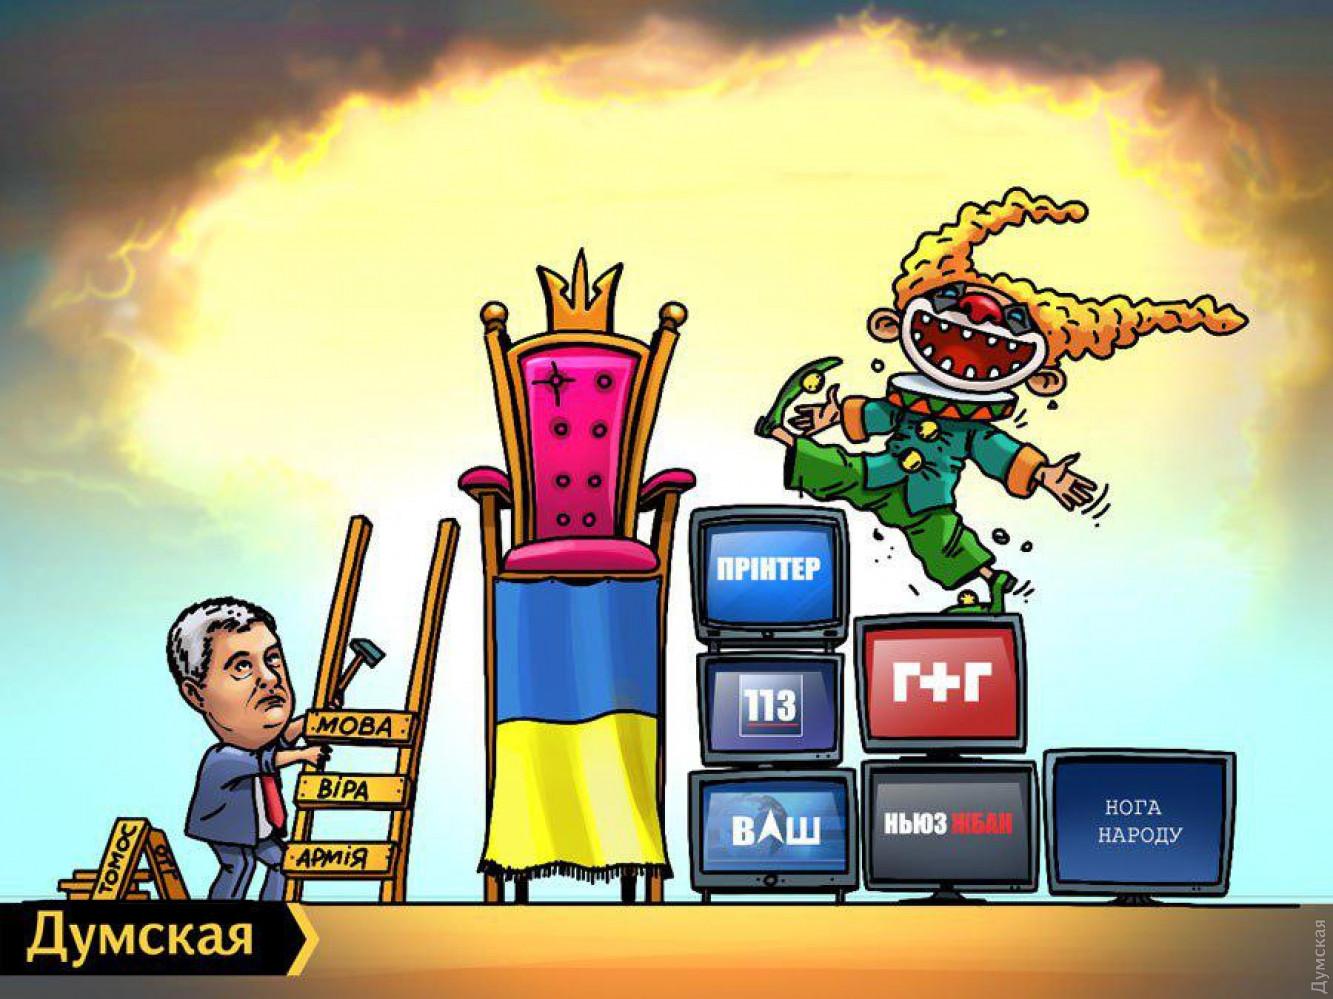 Наемники РФ настаивают на открытии КПВВ вне предложенных Украиной точек - в Счастье и Золотом, - Фриш - Цензор.НЕТ 907